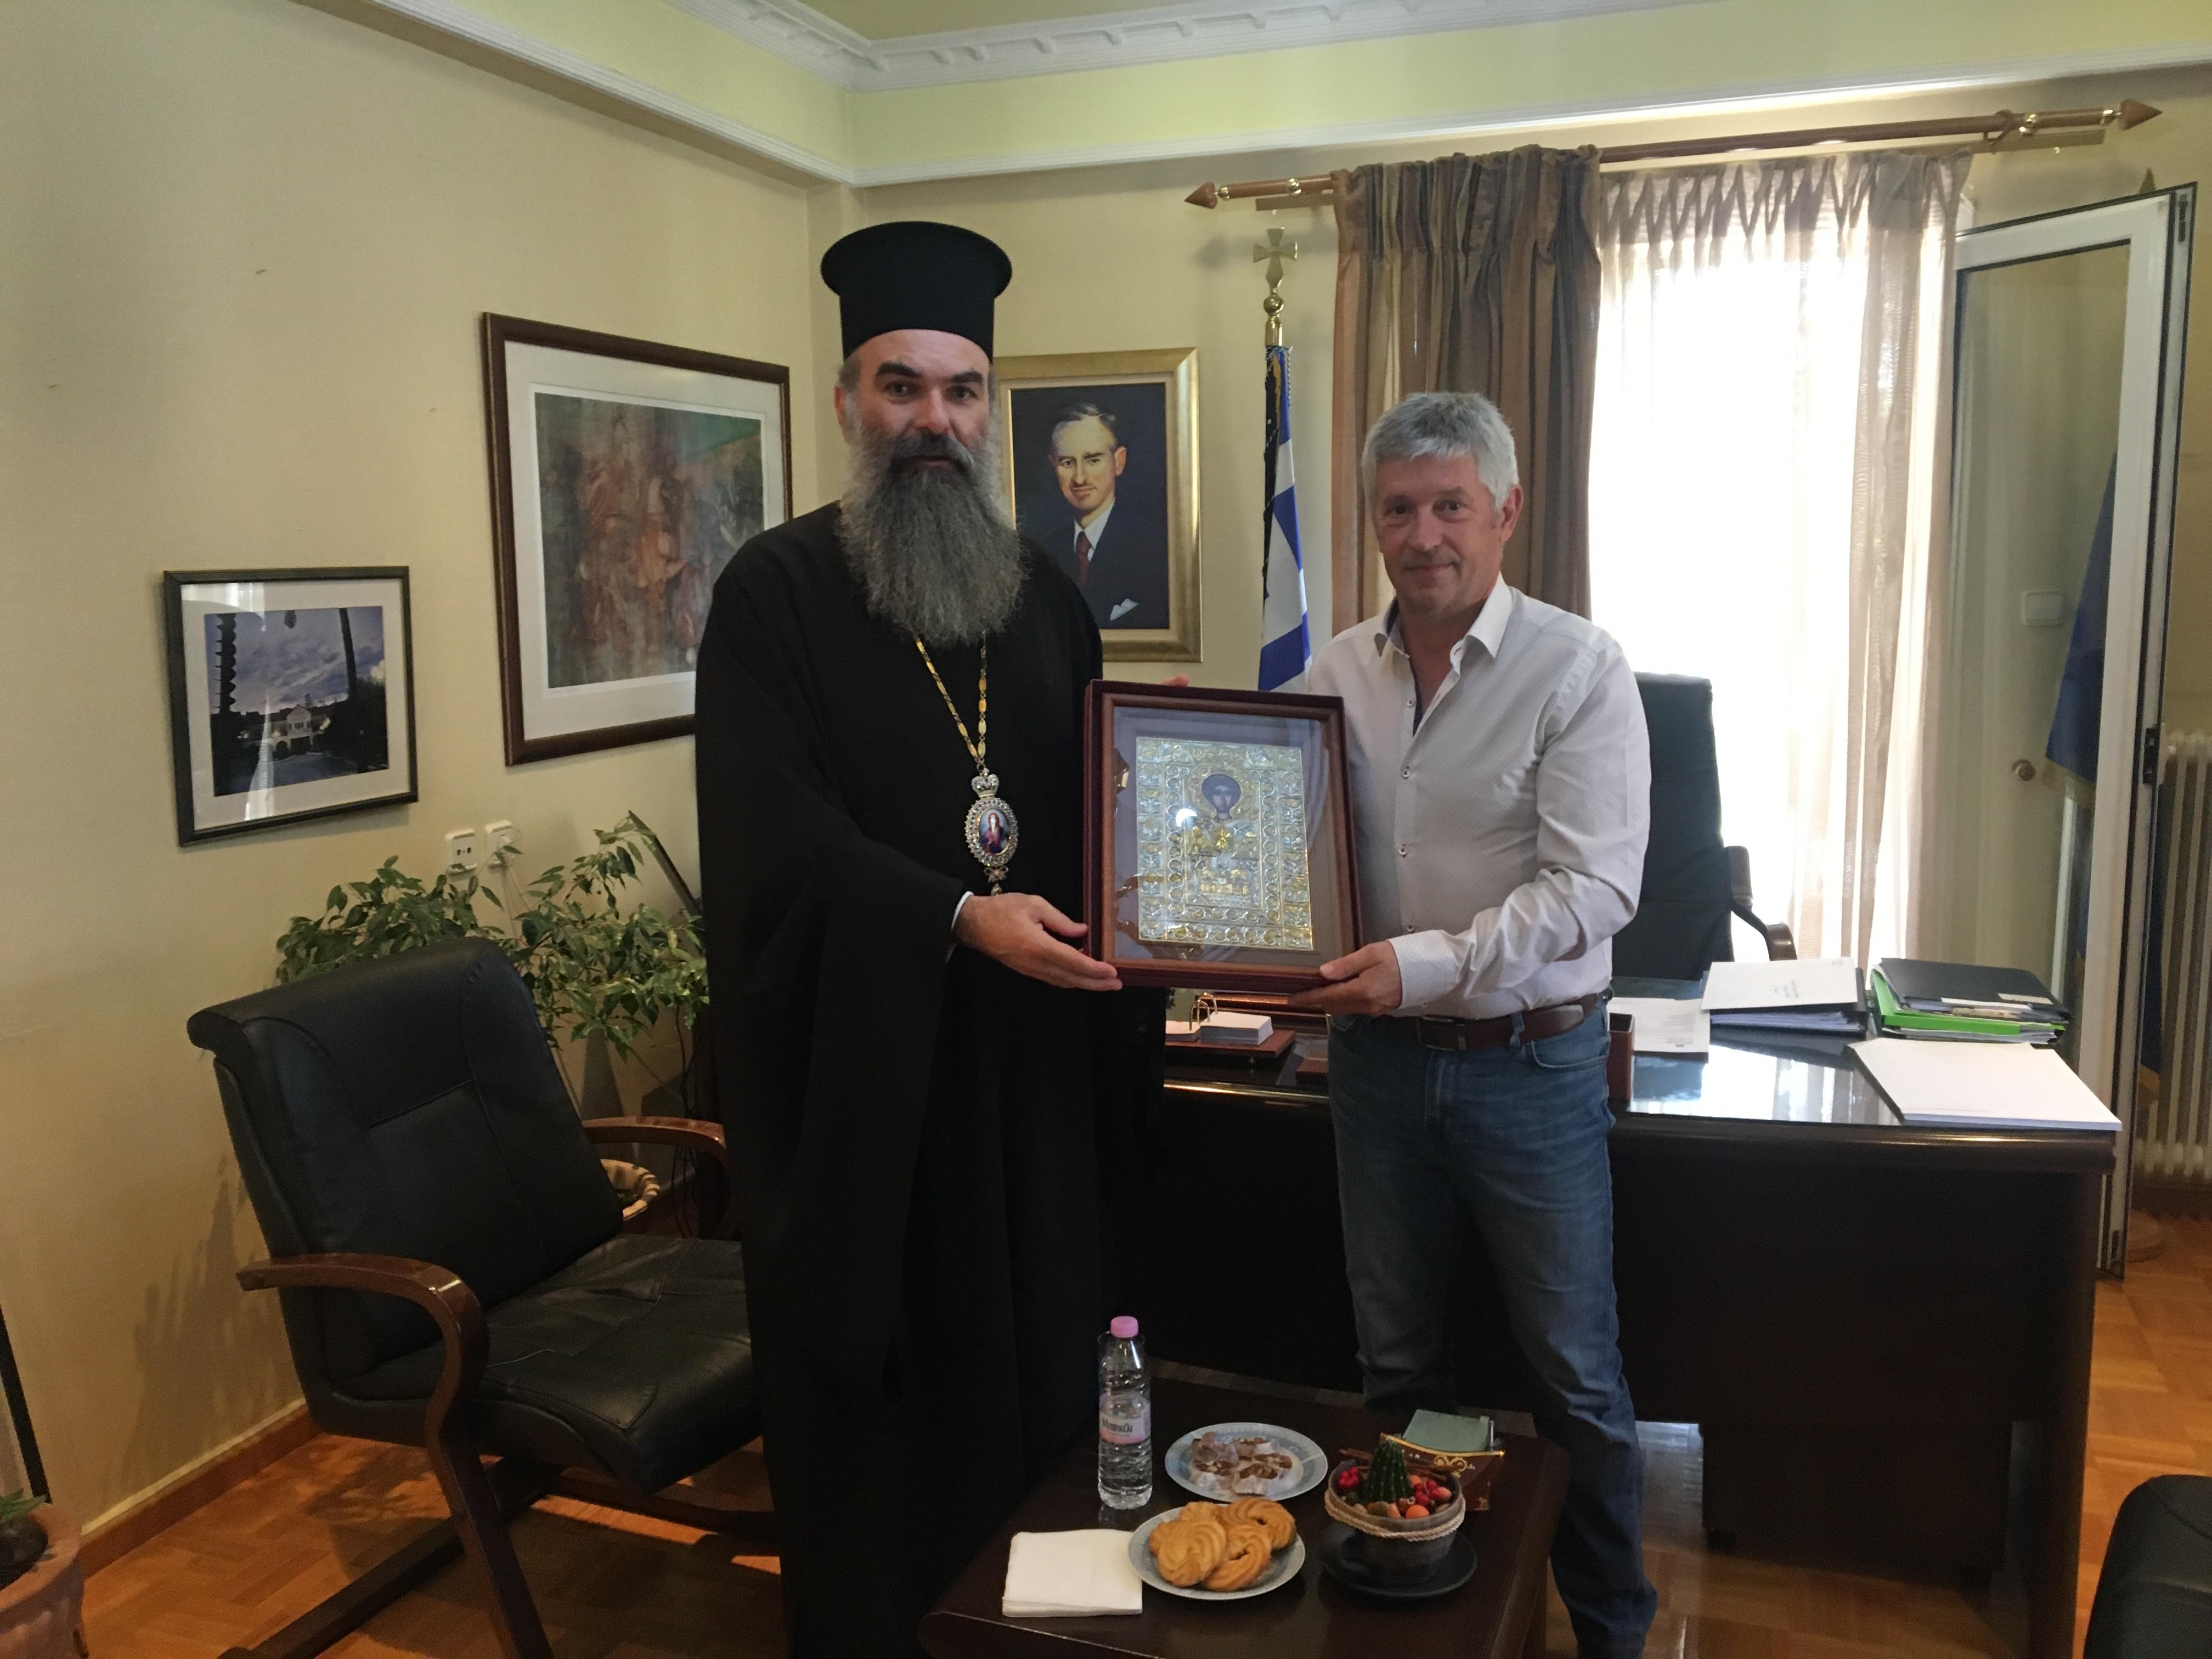 Συνάντηση του Δημάρχου Δεσκάτης κ.Κορδίλα Δημήτριου με τον σεβασμιότατο Μητροπολίτη Ελασσόνας κ.Χαρίτωνα